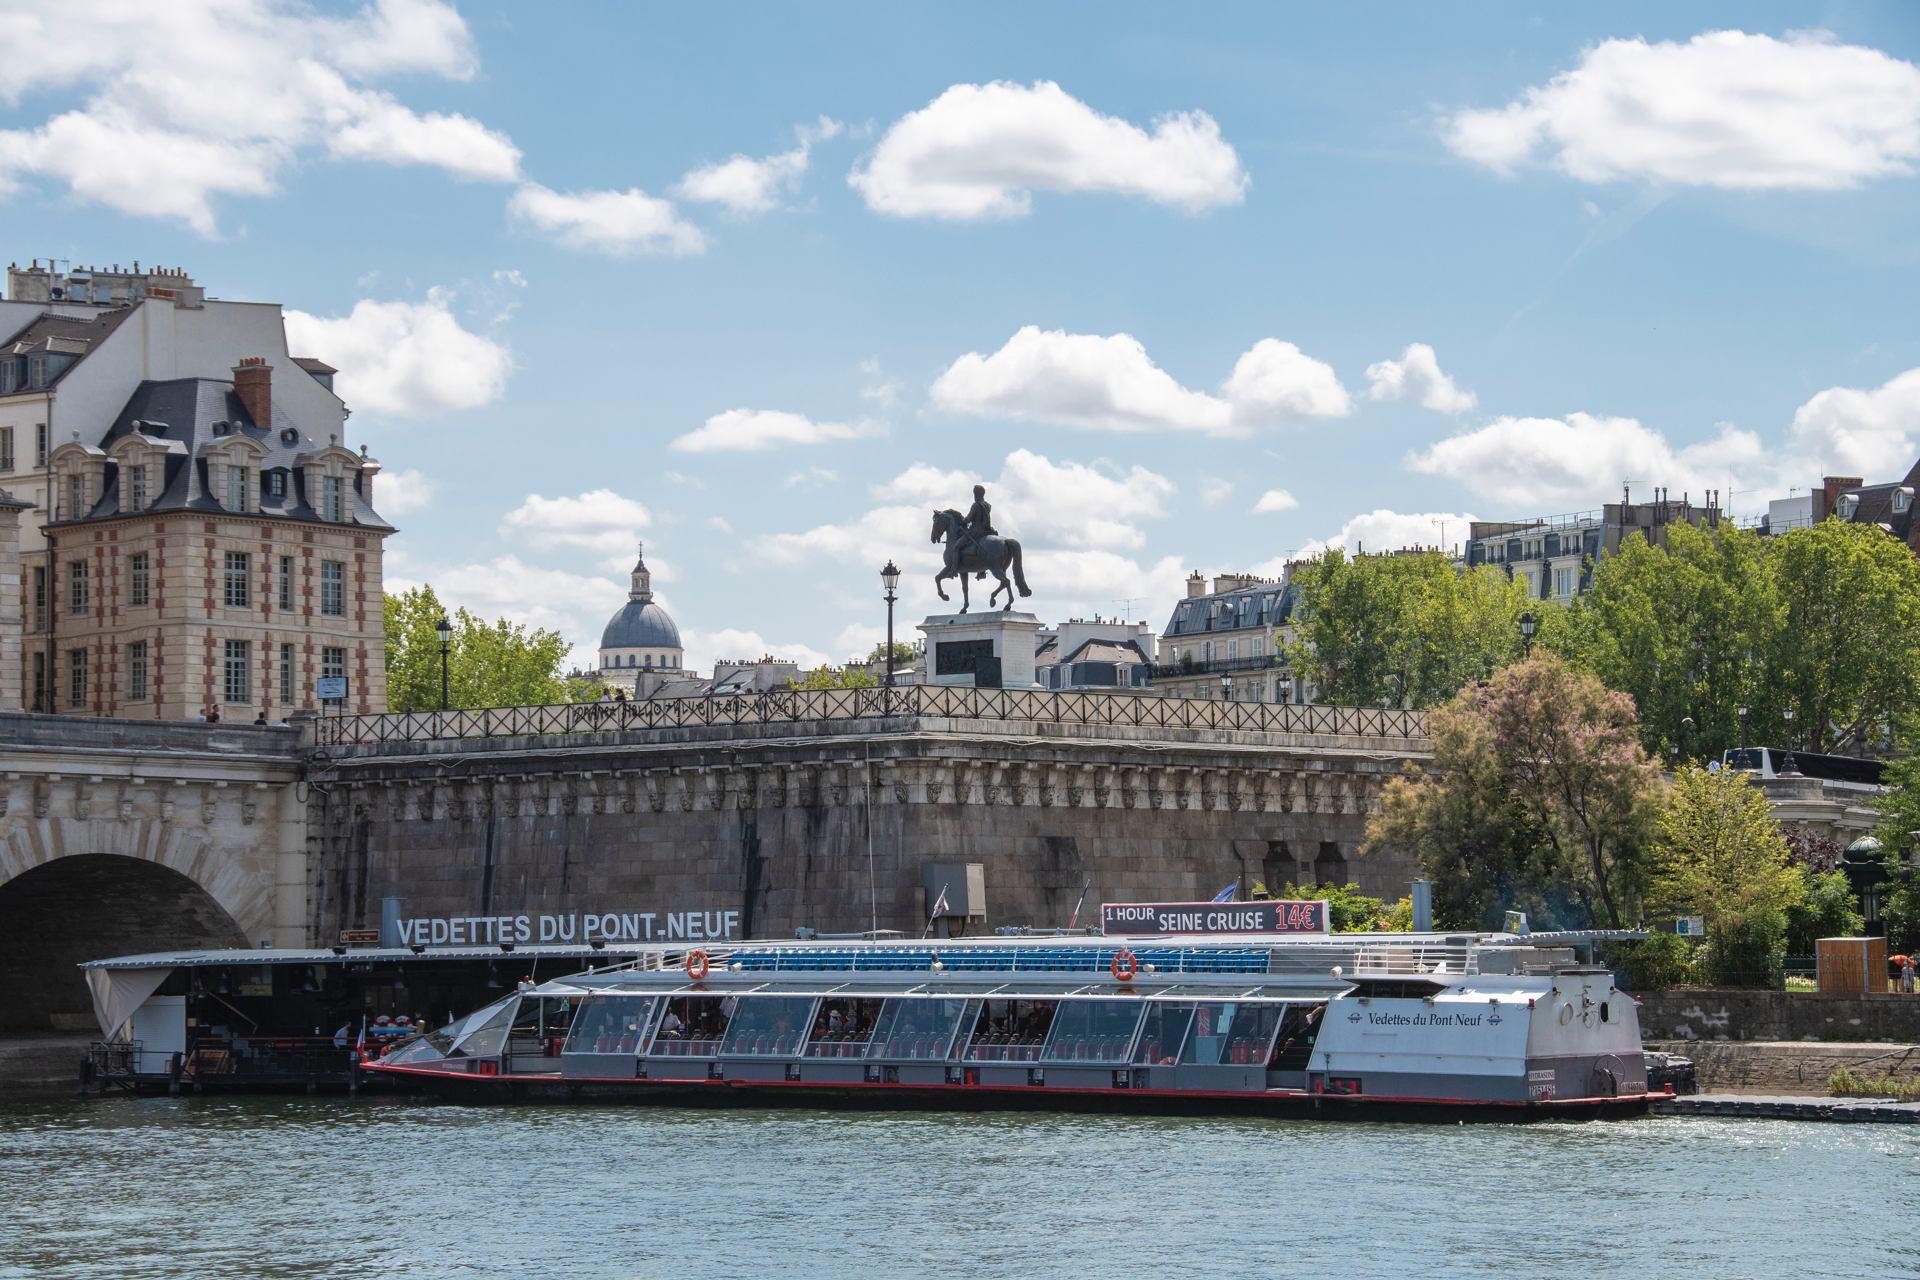 Paris : Vedette du pont Neuf